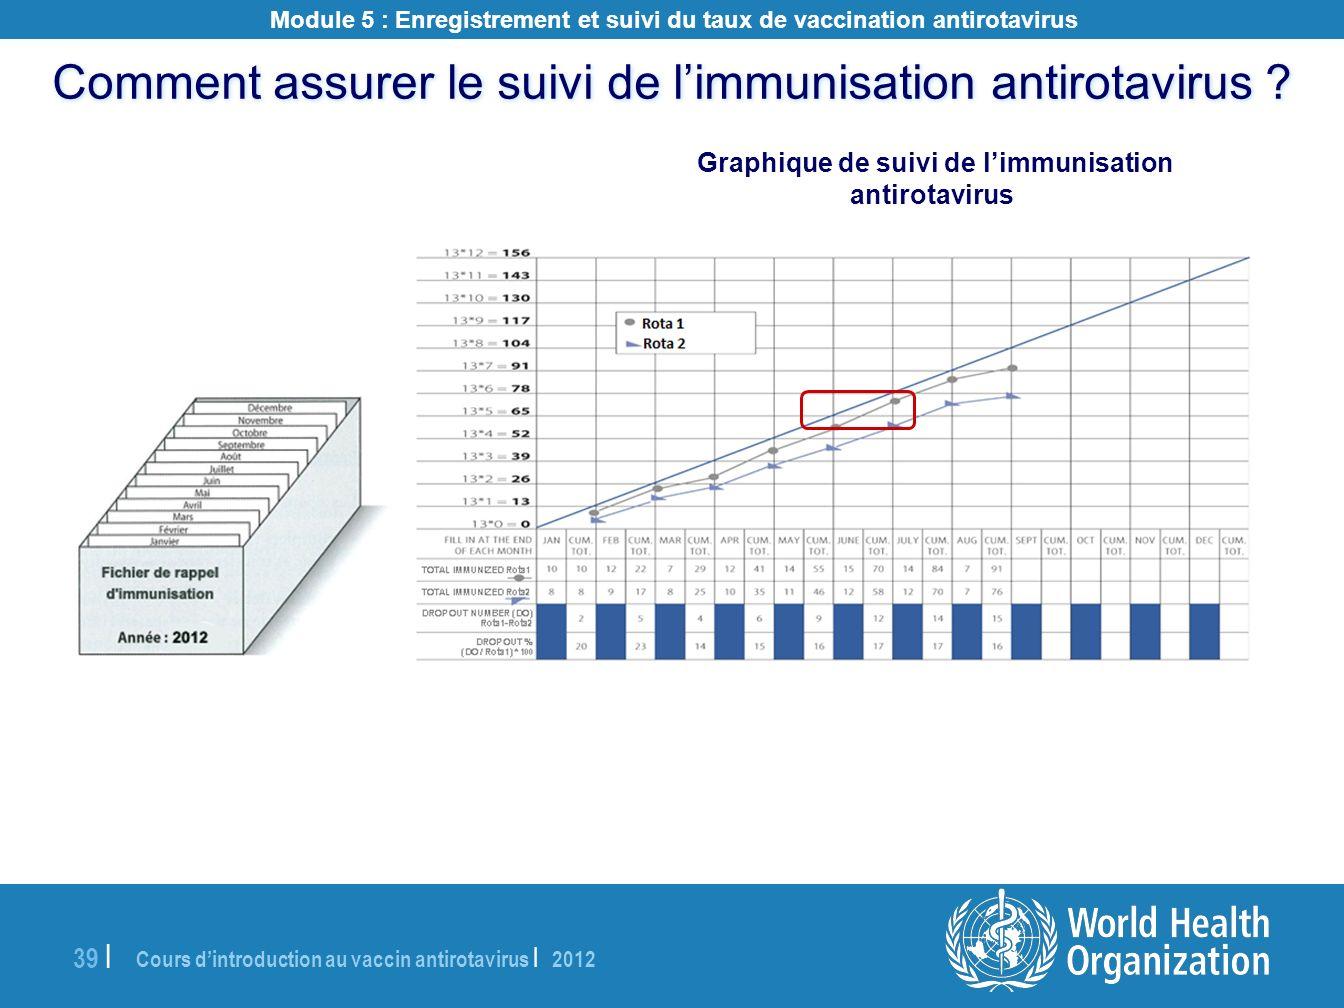 Graphique de suivi de l'immunisation antirotavirus